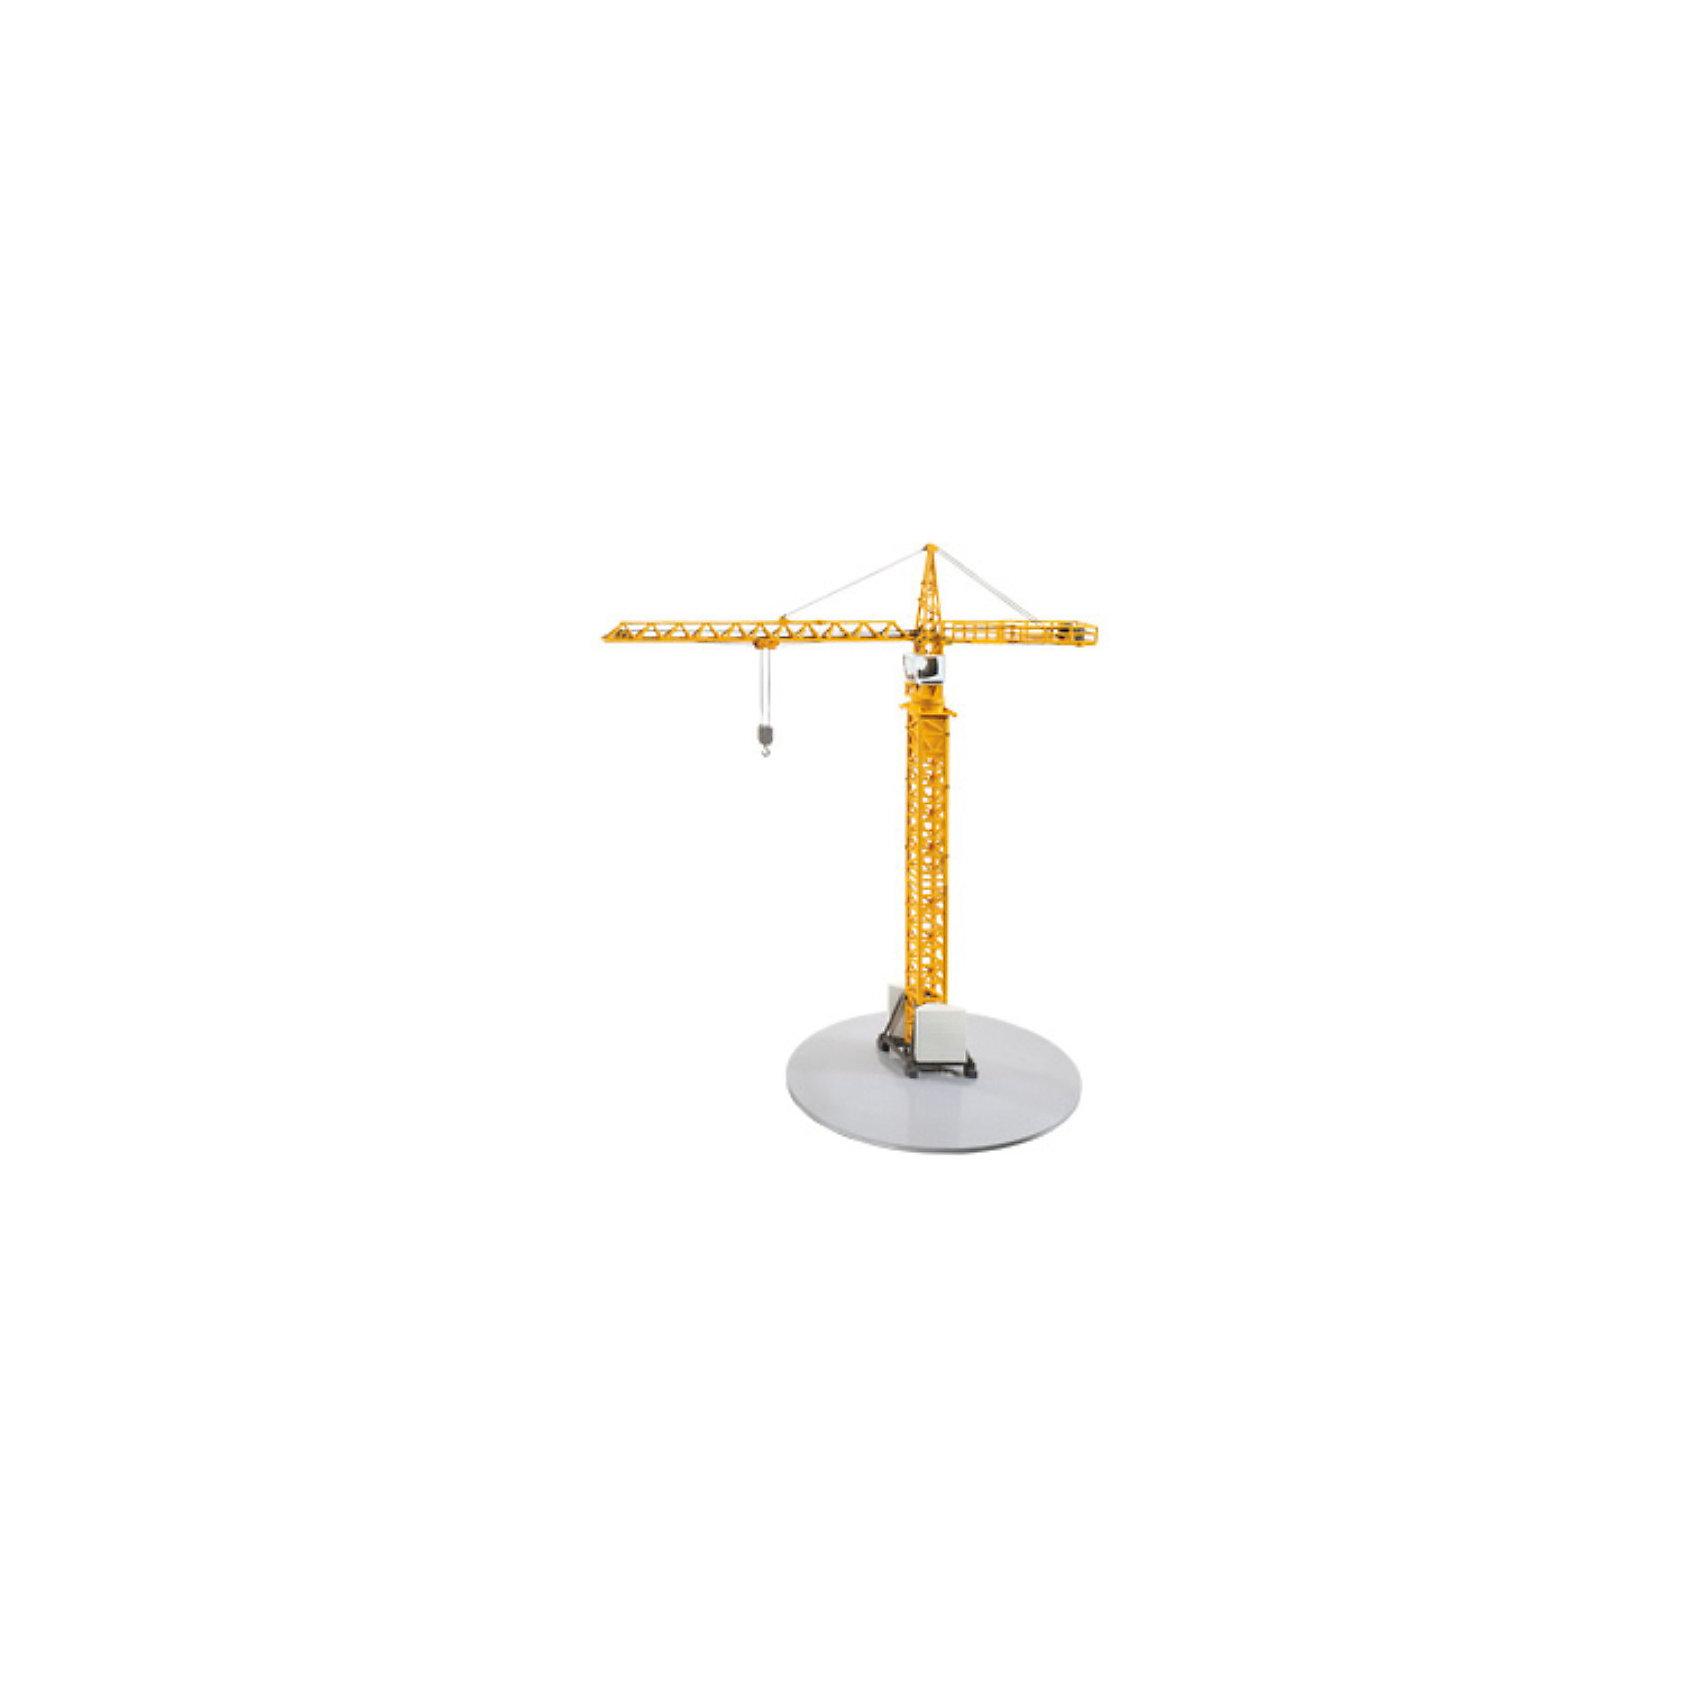 SIKU SIKU 1899 Подъемный кран вращающийся siku игрушка гидравлический кран